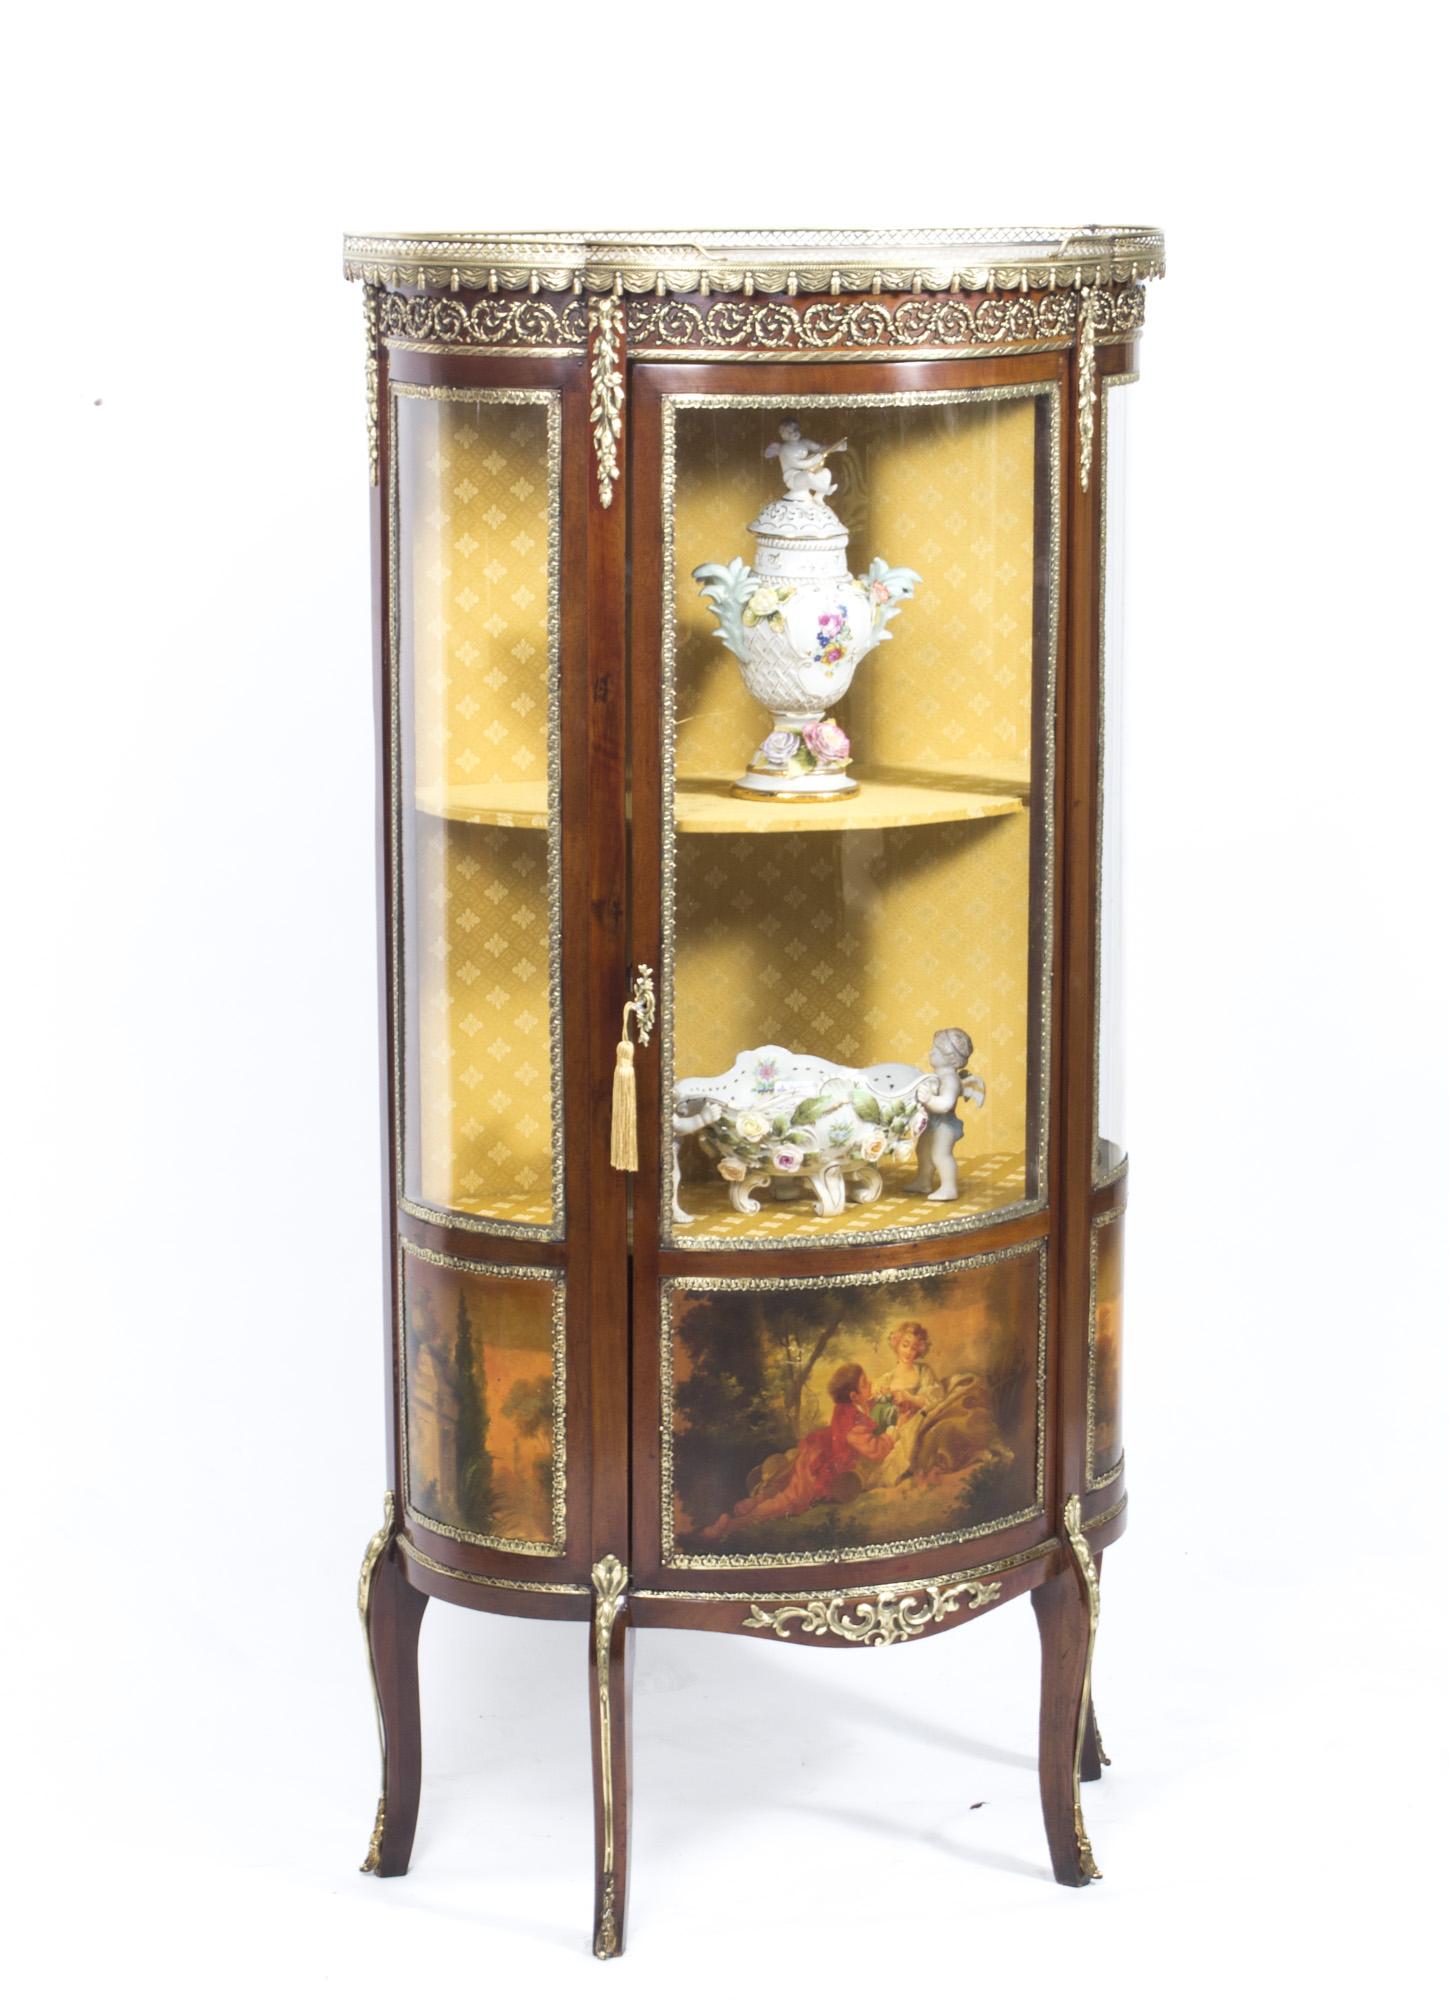 regent antiques display cabinets antique french vernis. Black Bedroom Furniture Sets. Home Design Ideas